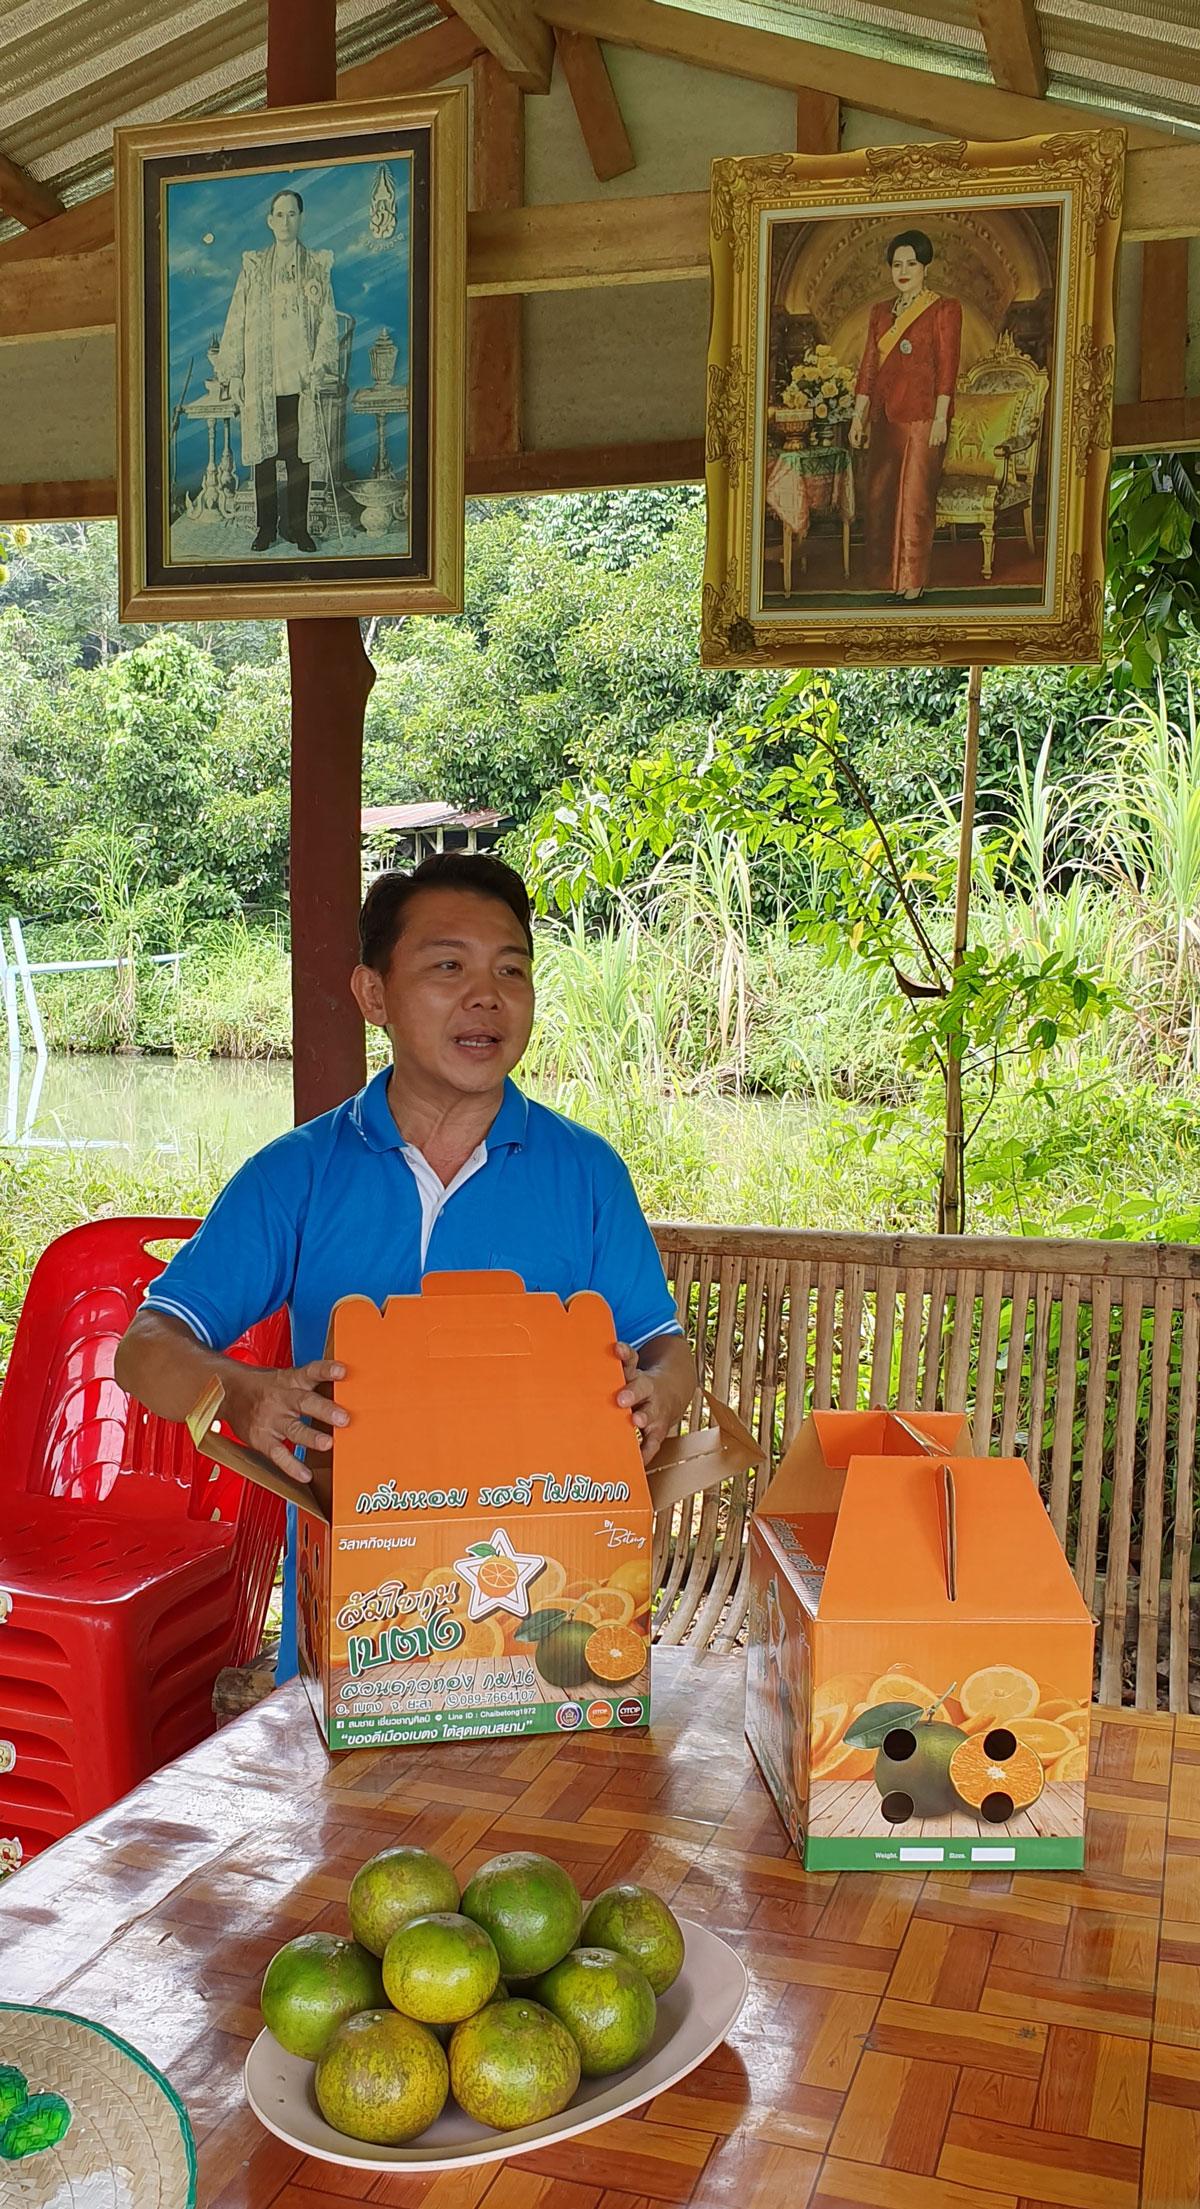 ส้มโชกุนบรรจุกล่อง พร้อมส่งให้ลูกค้า